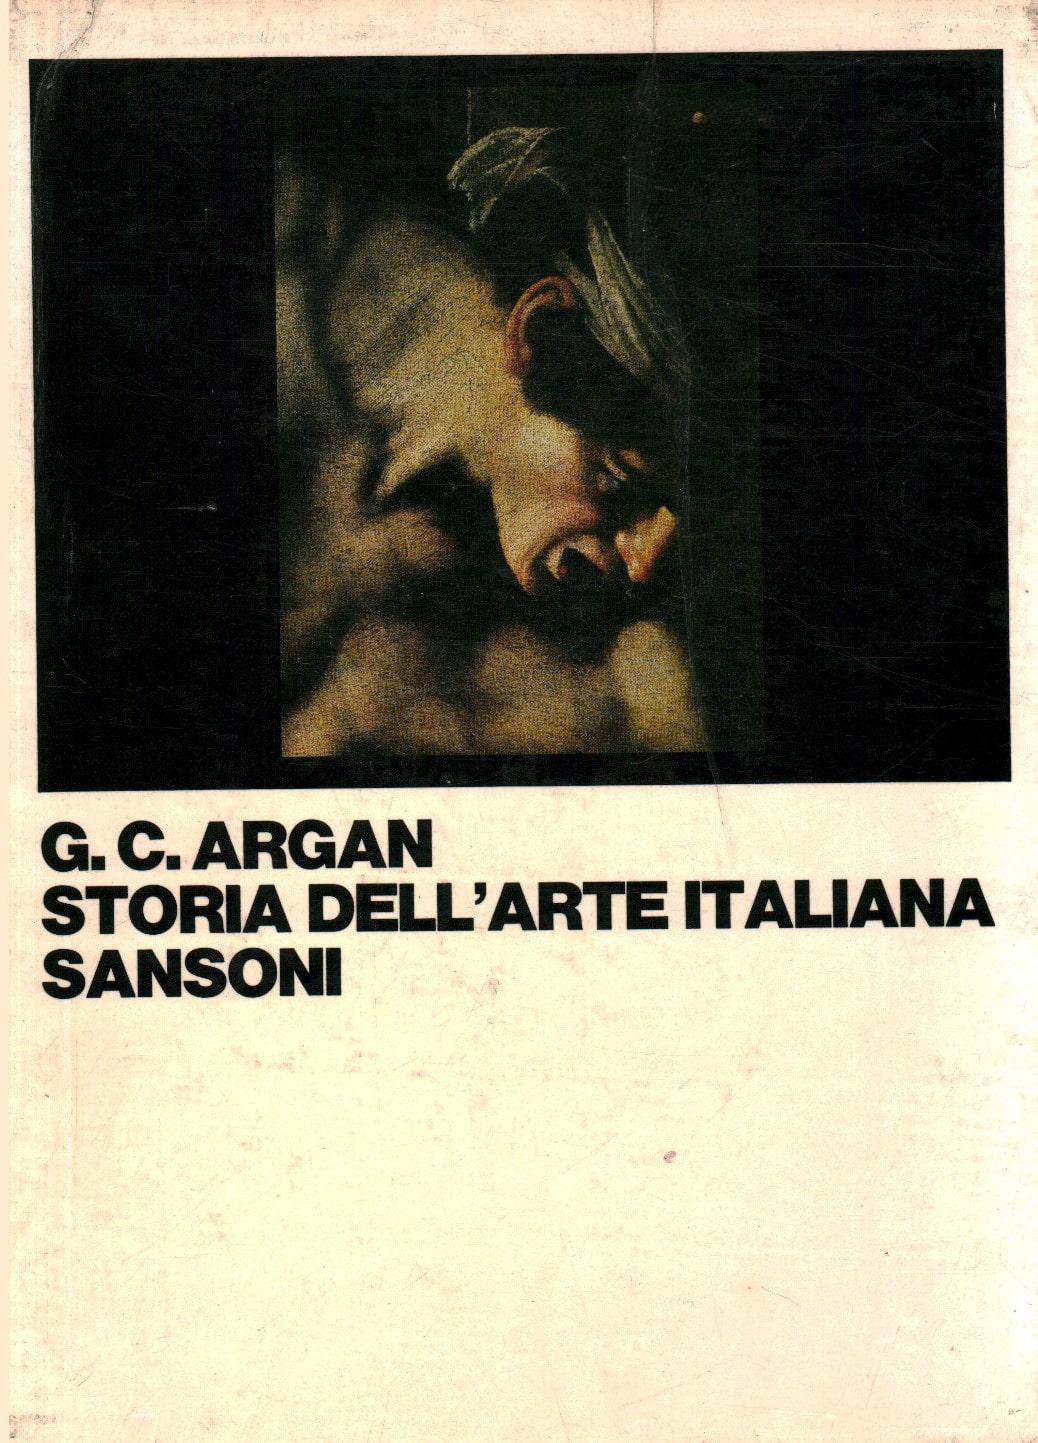 Copertina del libro Storia dell'arte italiana di Giulio Carlo Argan